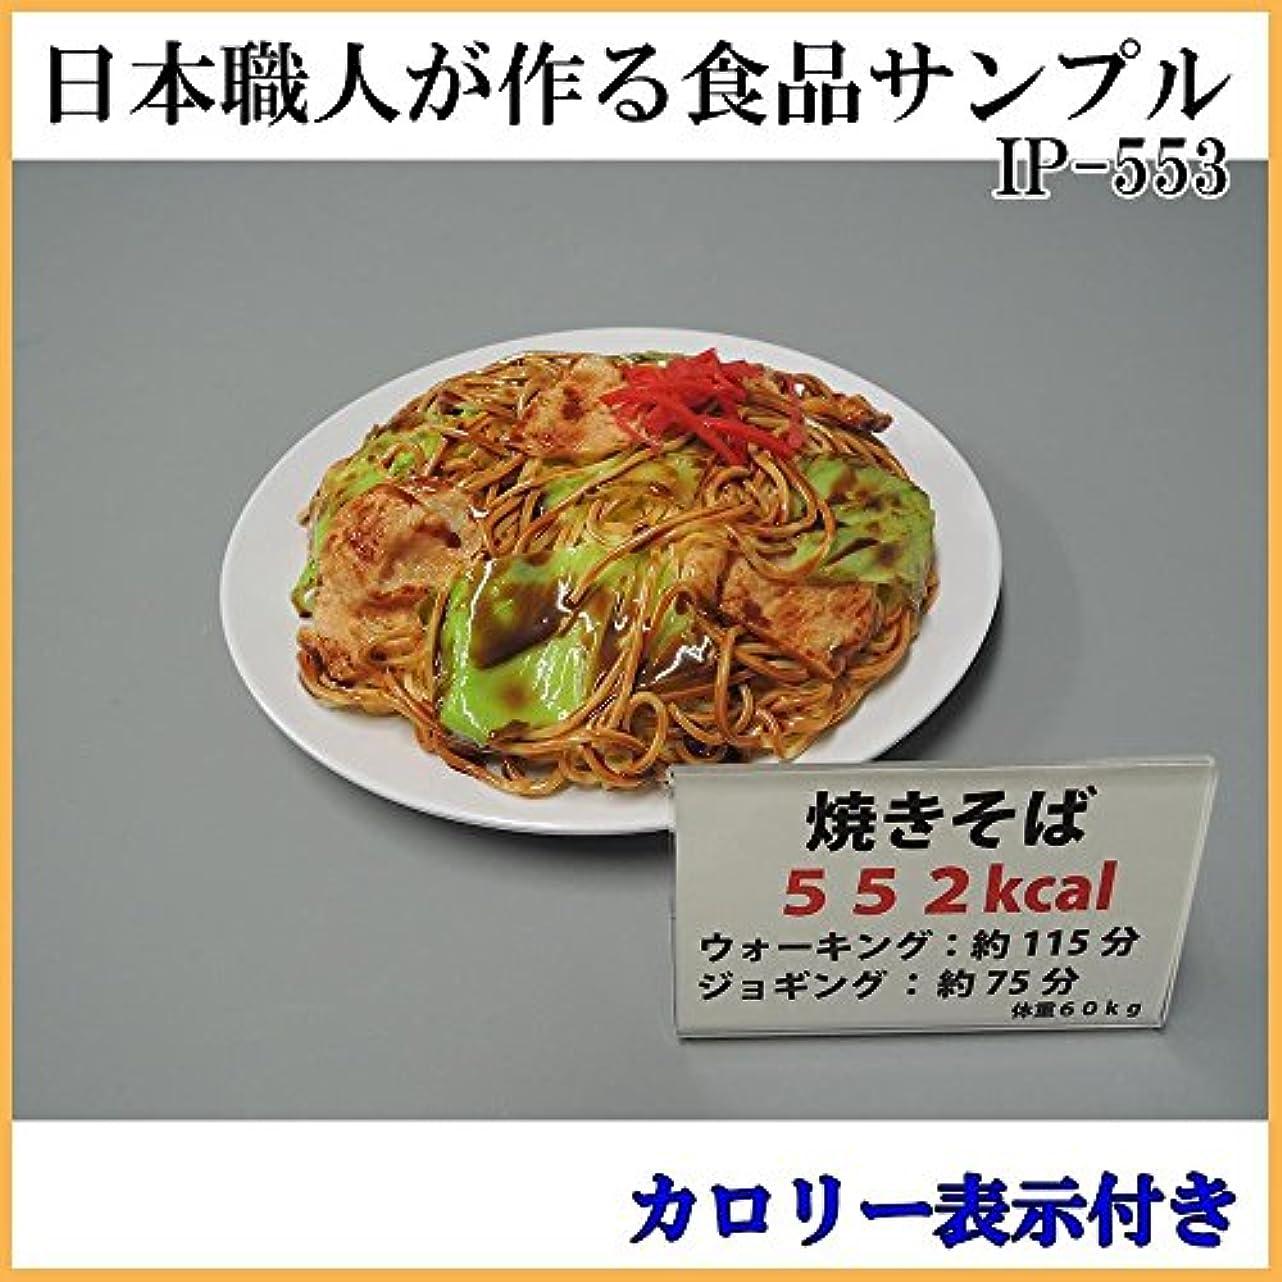 冷凍庫急勾配のスポーツ日本職人が作る 食品サンプル カロリー表示付き 焼きそば IP-553